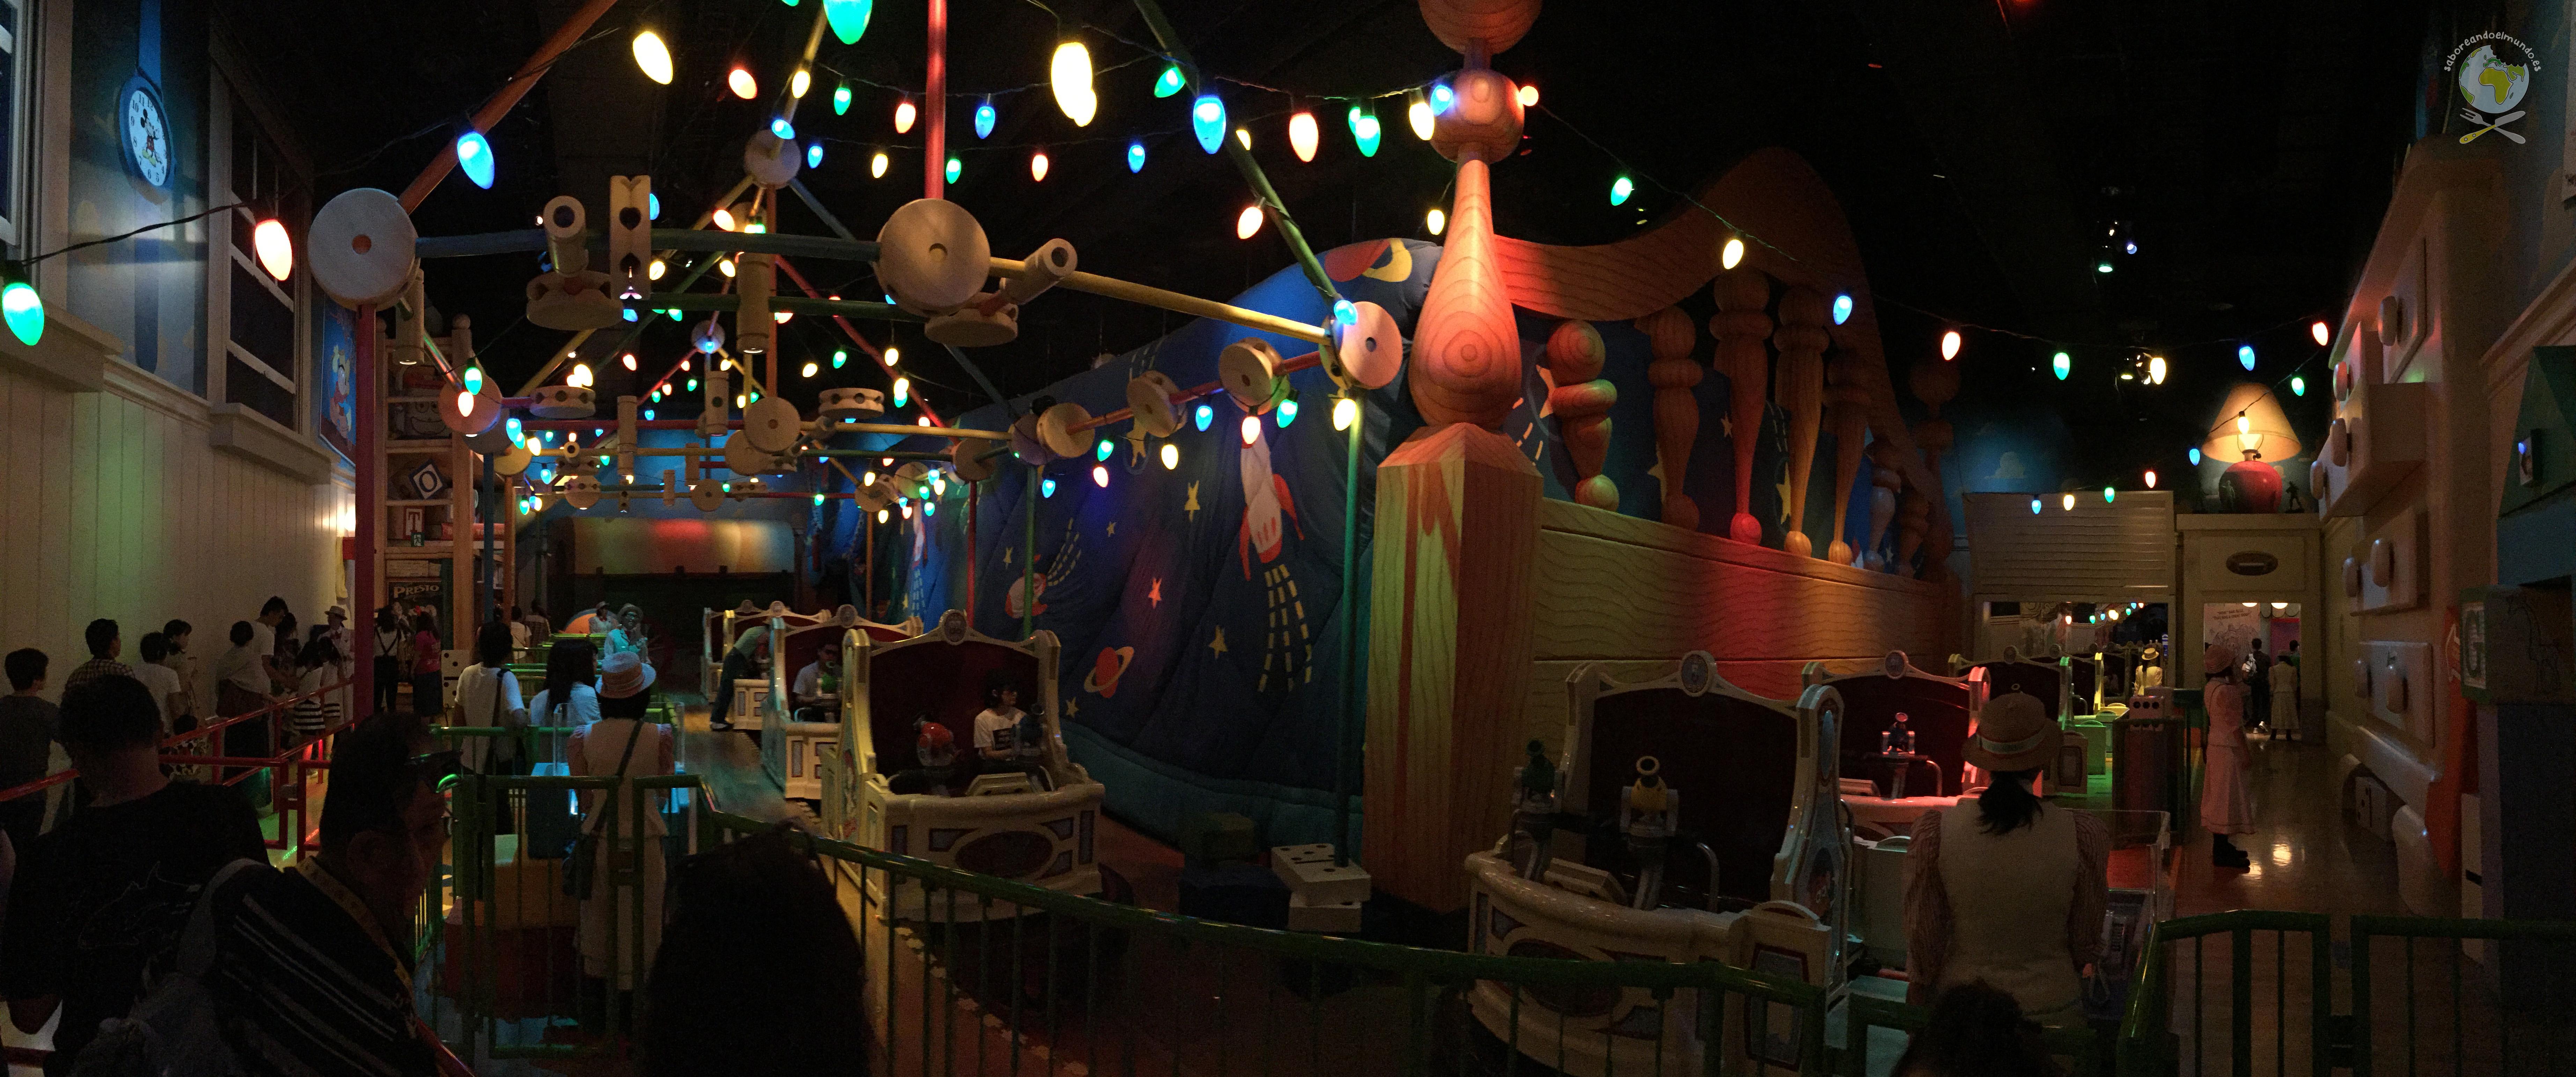 Toy Story atracción